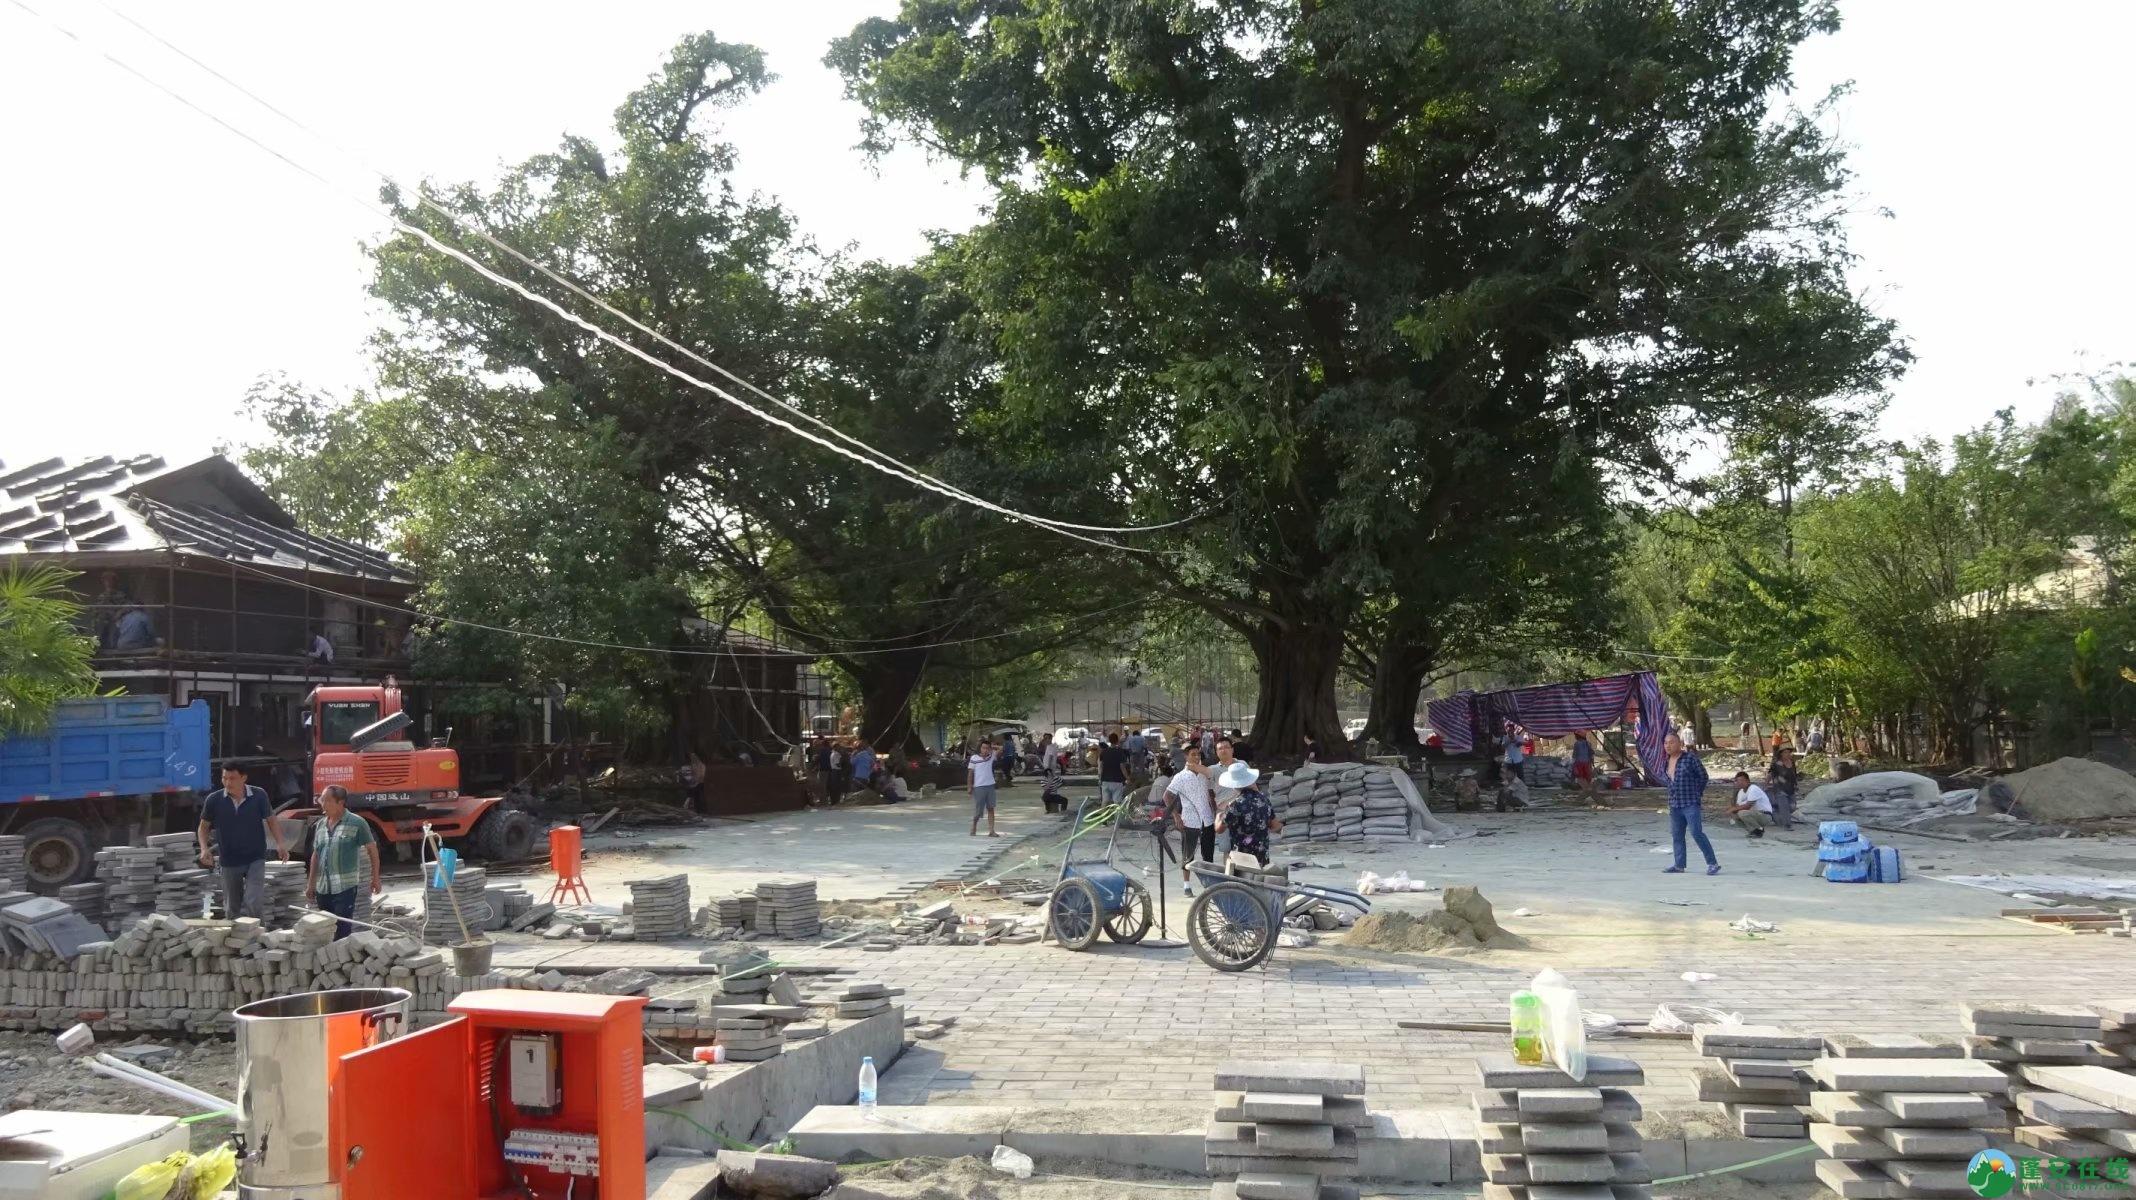 蓬安锦屏相如故城建设迅猛 - 第29张  | 蓬安在线